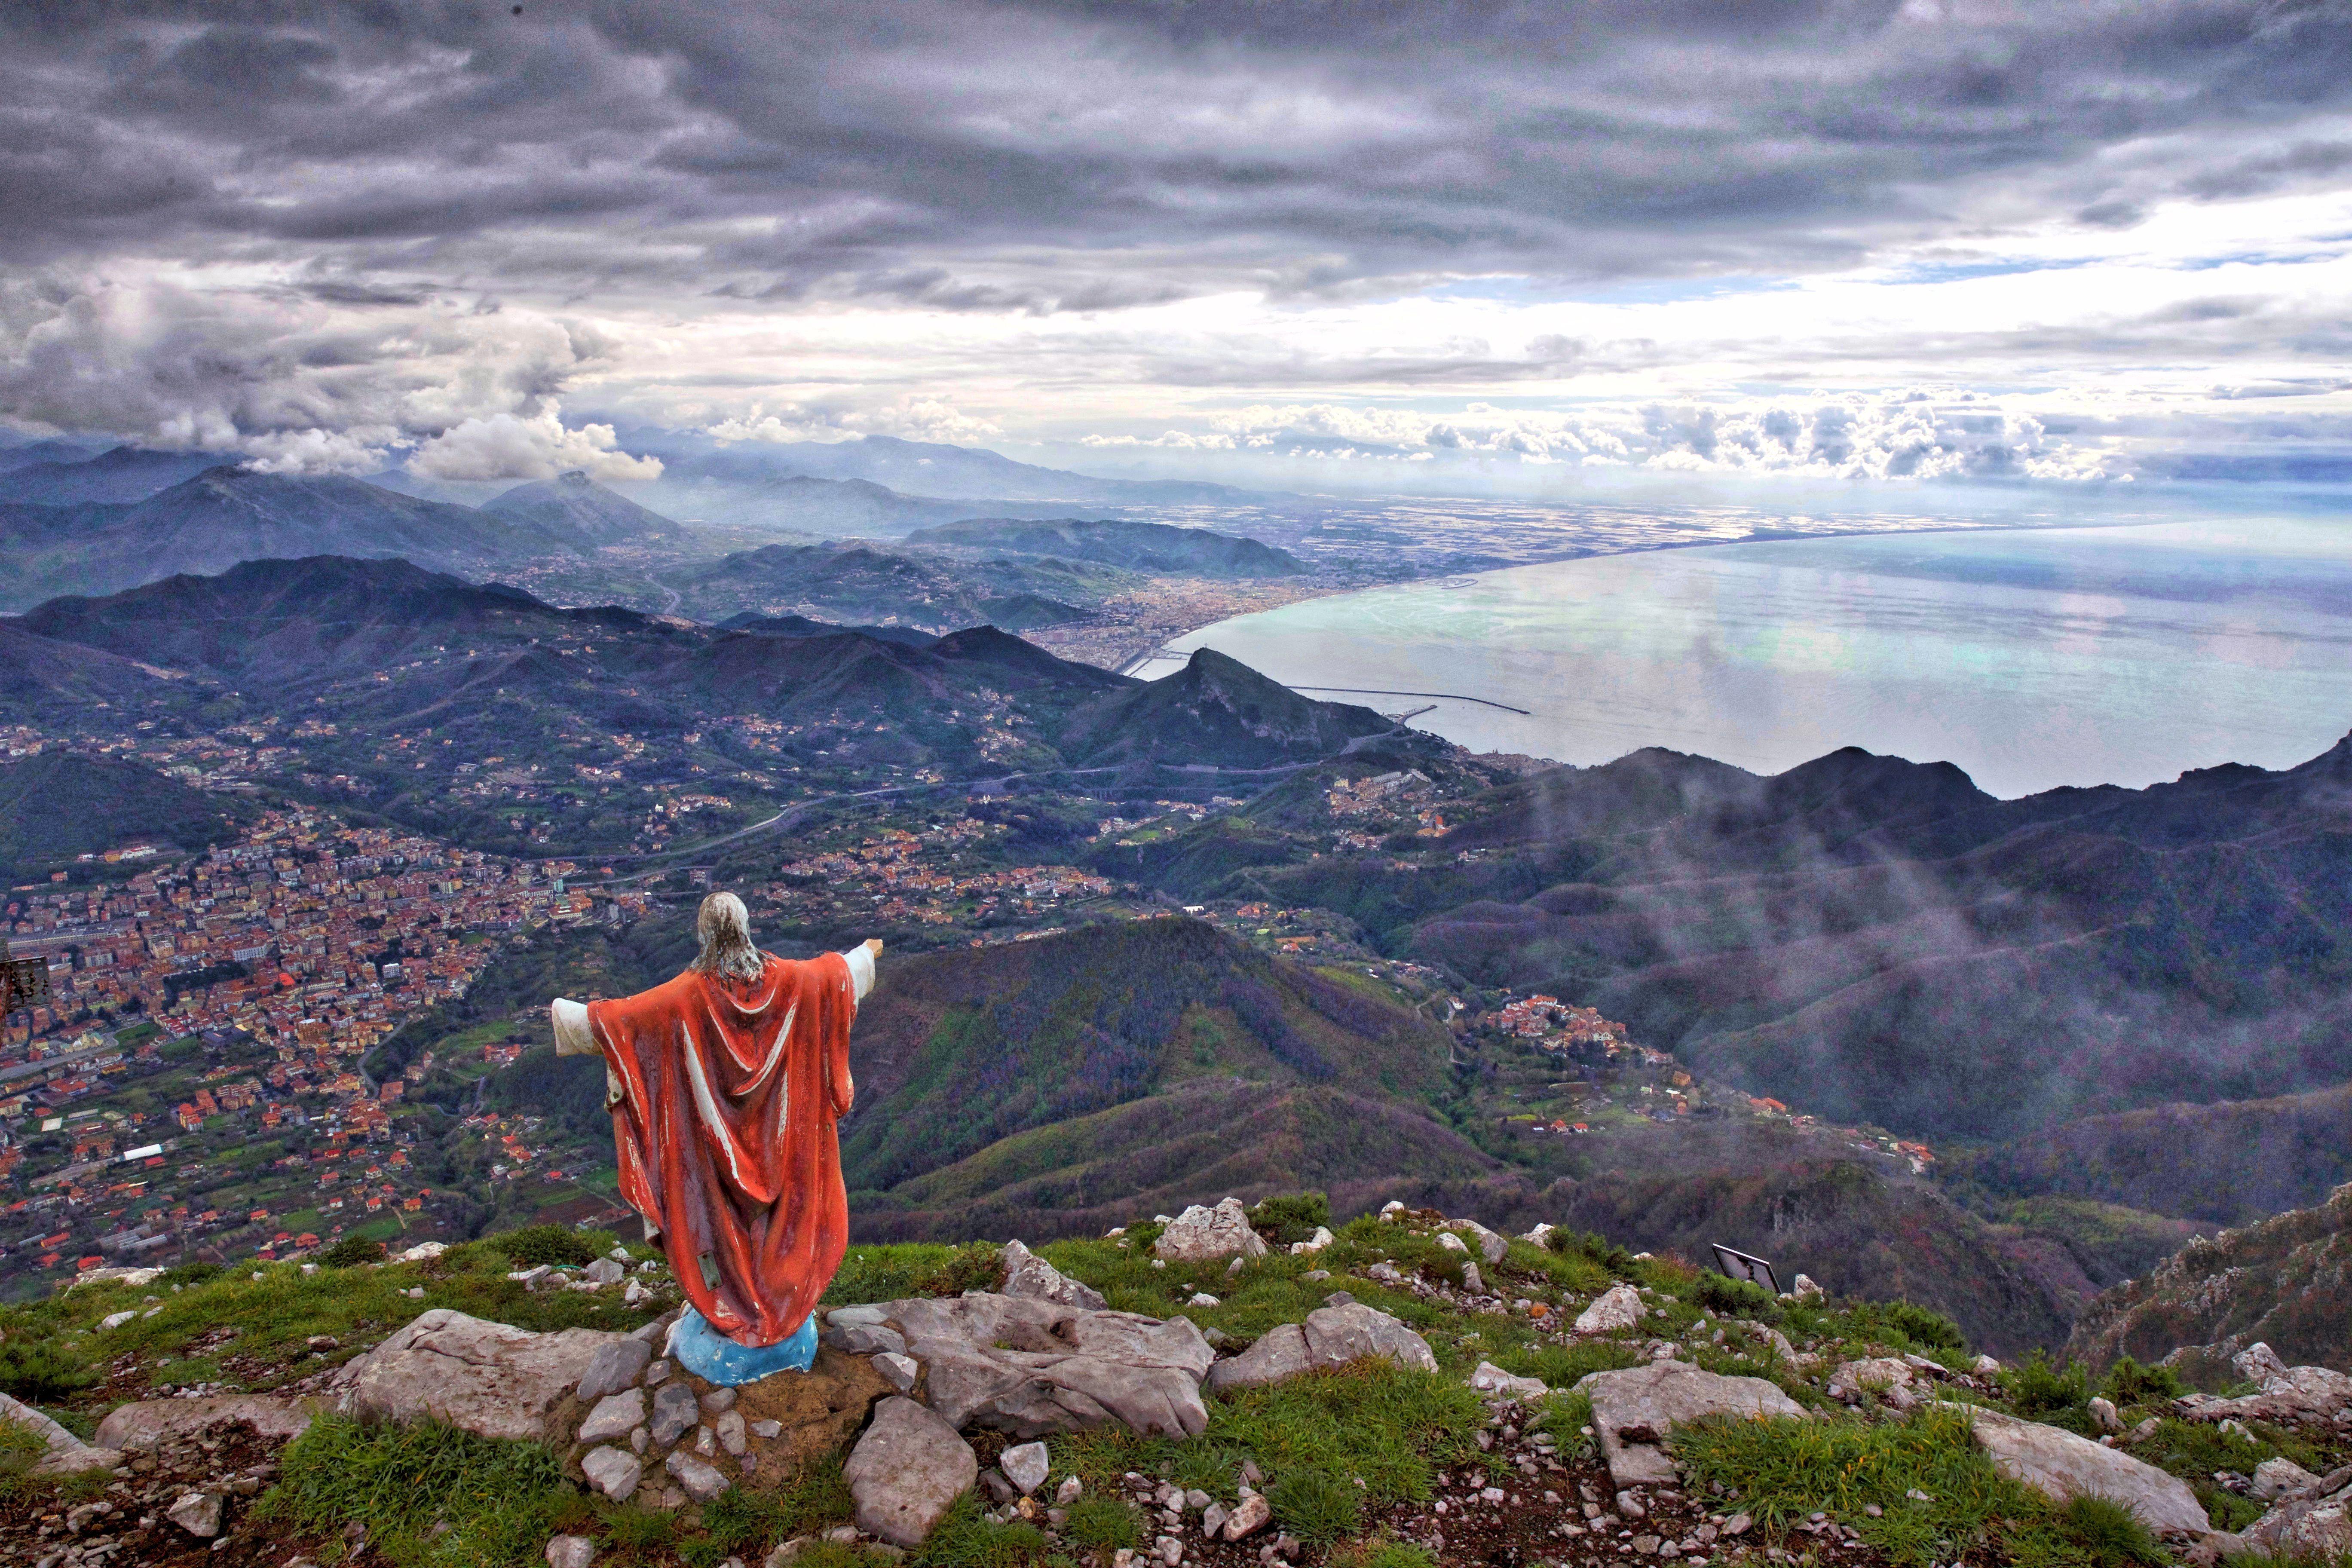 Fotografo Cava Dei Tirreni views of cava de' tirreni, picentini mountains, and salerno